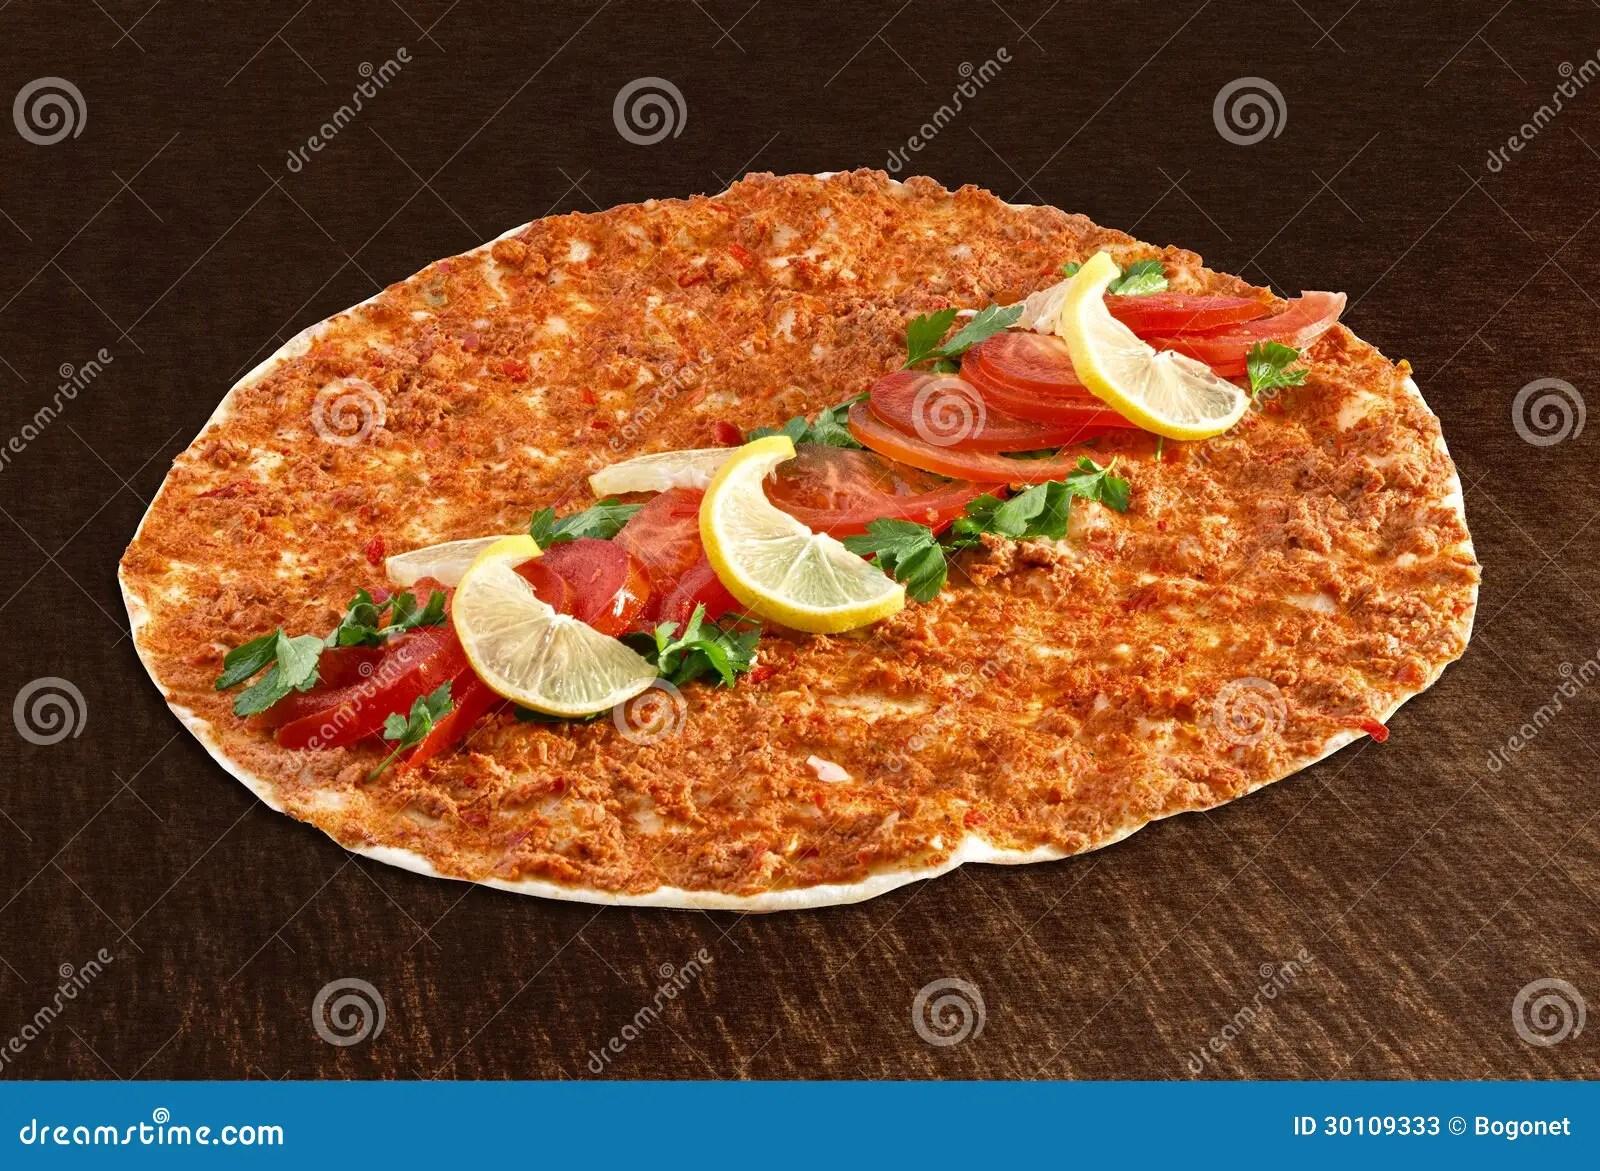 Lahmacun  pizza turca imagen de archivo Imagen de